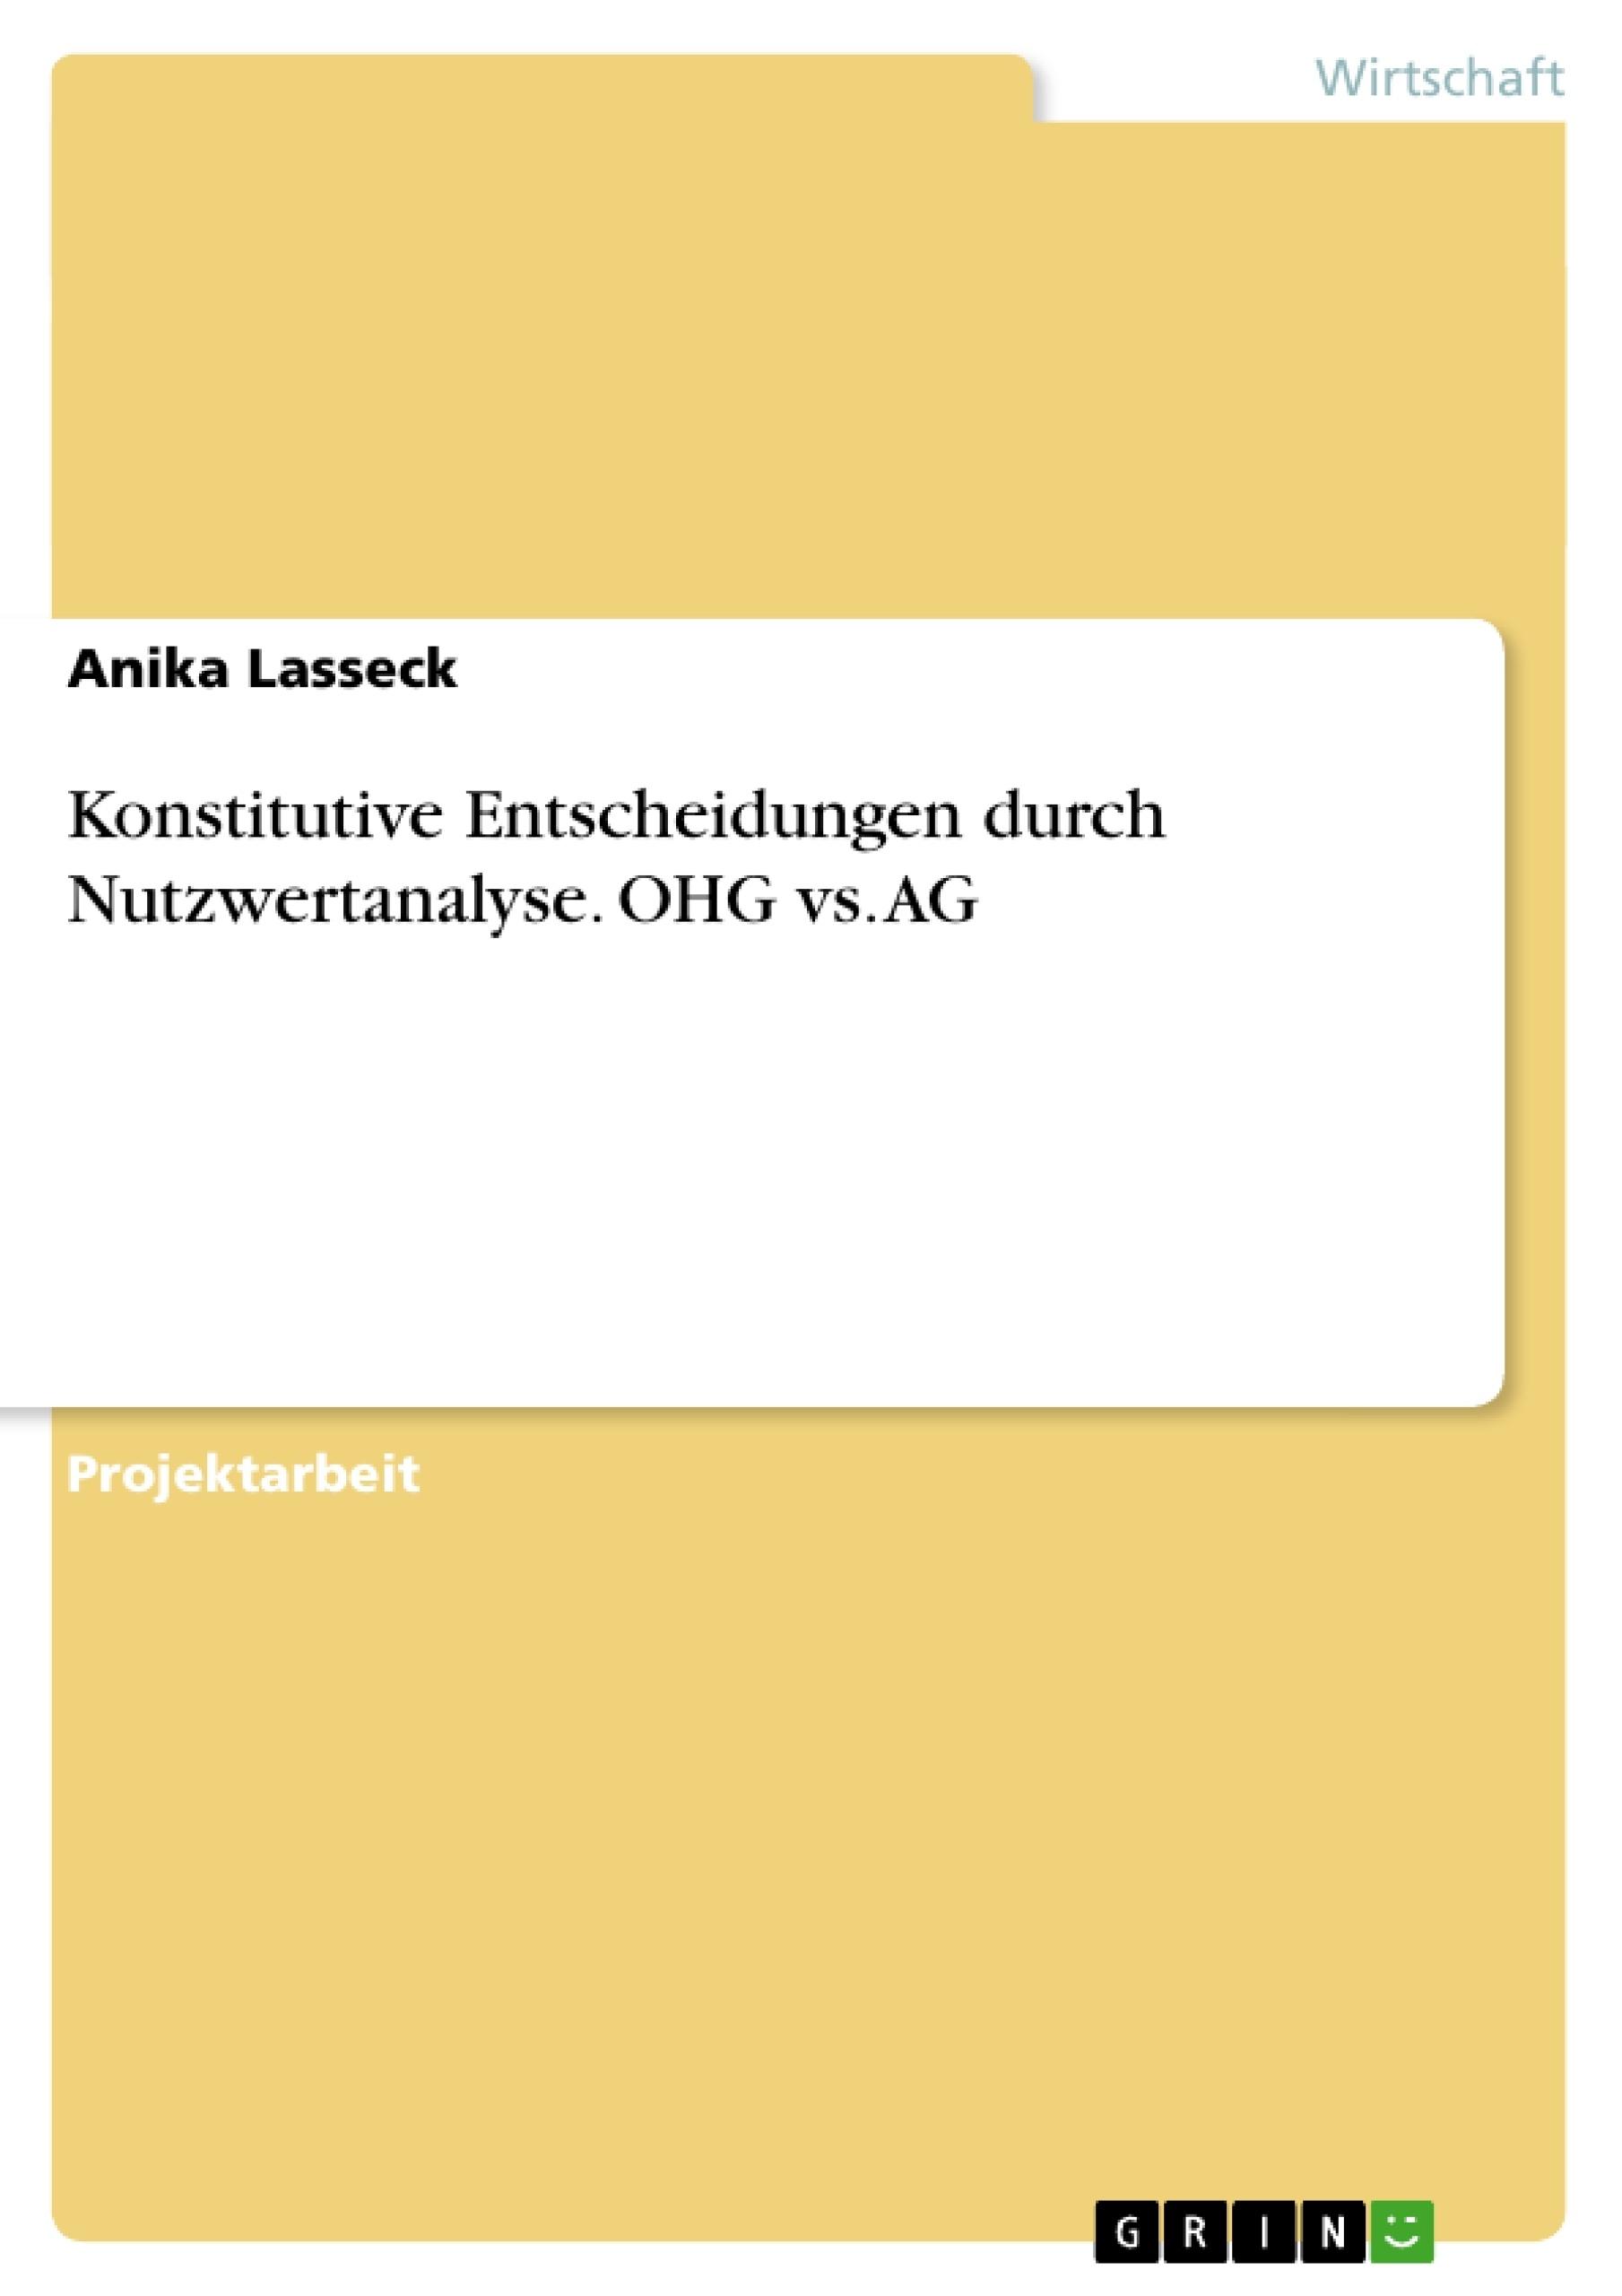 Titel: Konstitutive Entscheidungen durch Nutzwertanalyse. OHG vs. AG